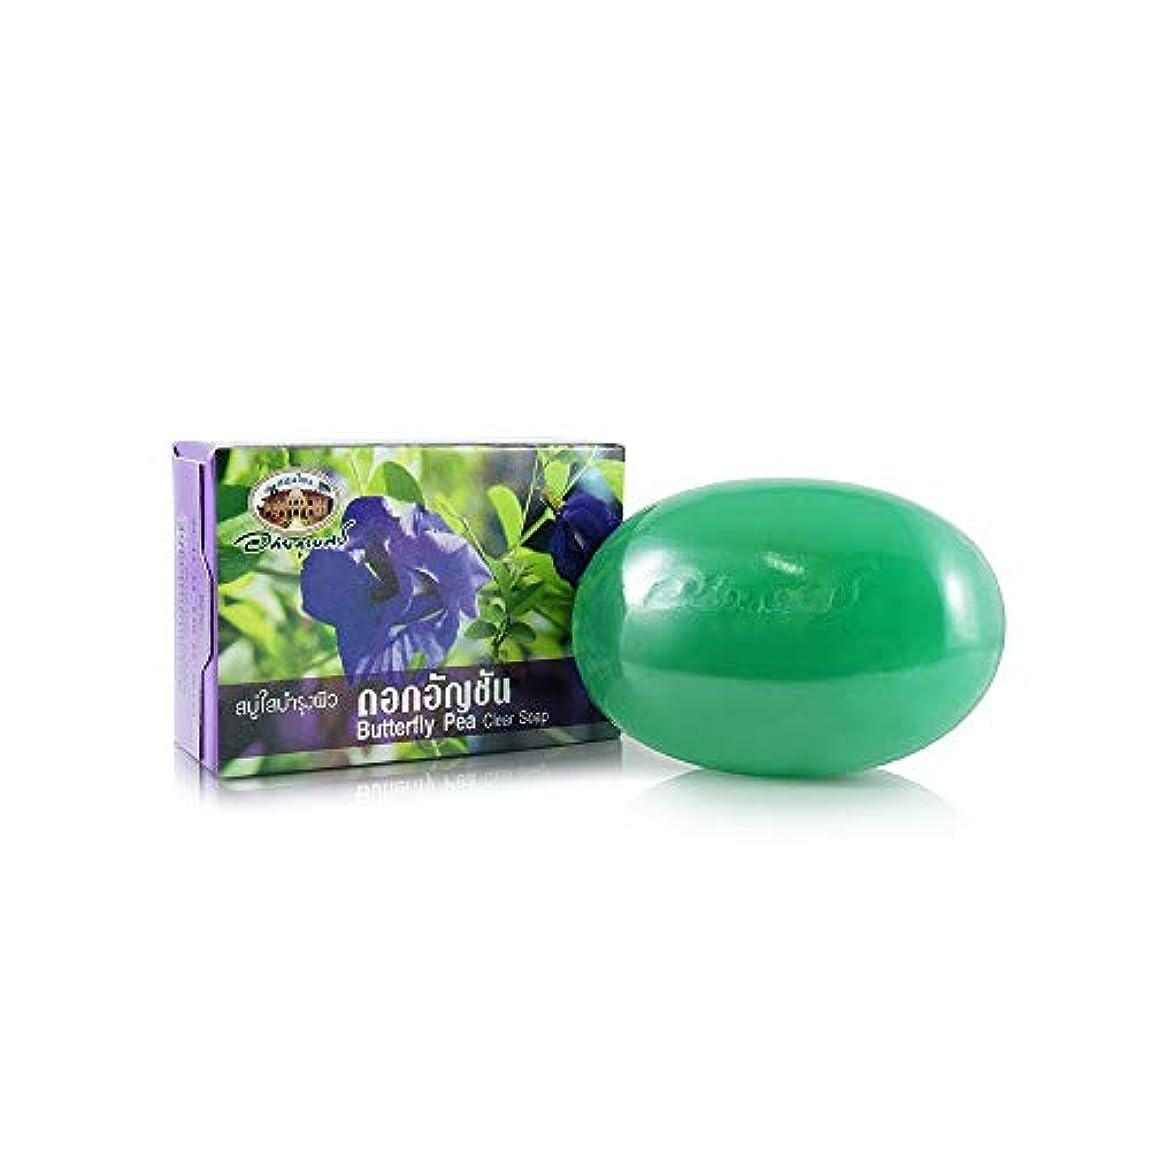 店員注釈無意識Abhaibhubejhr Pea Flowers Vitamin E Herbal Body Cleaning Soap 100g. Abhaibhubejhrピー花ビタミンEハーブボディクリーニングソープ100グラム。